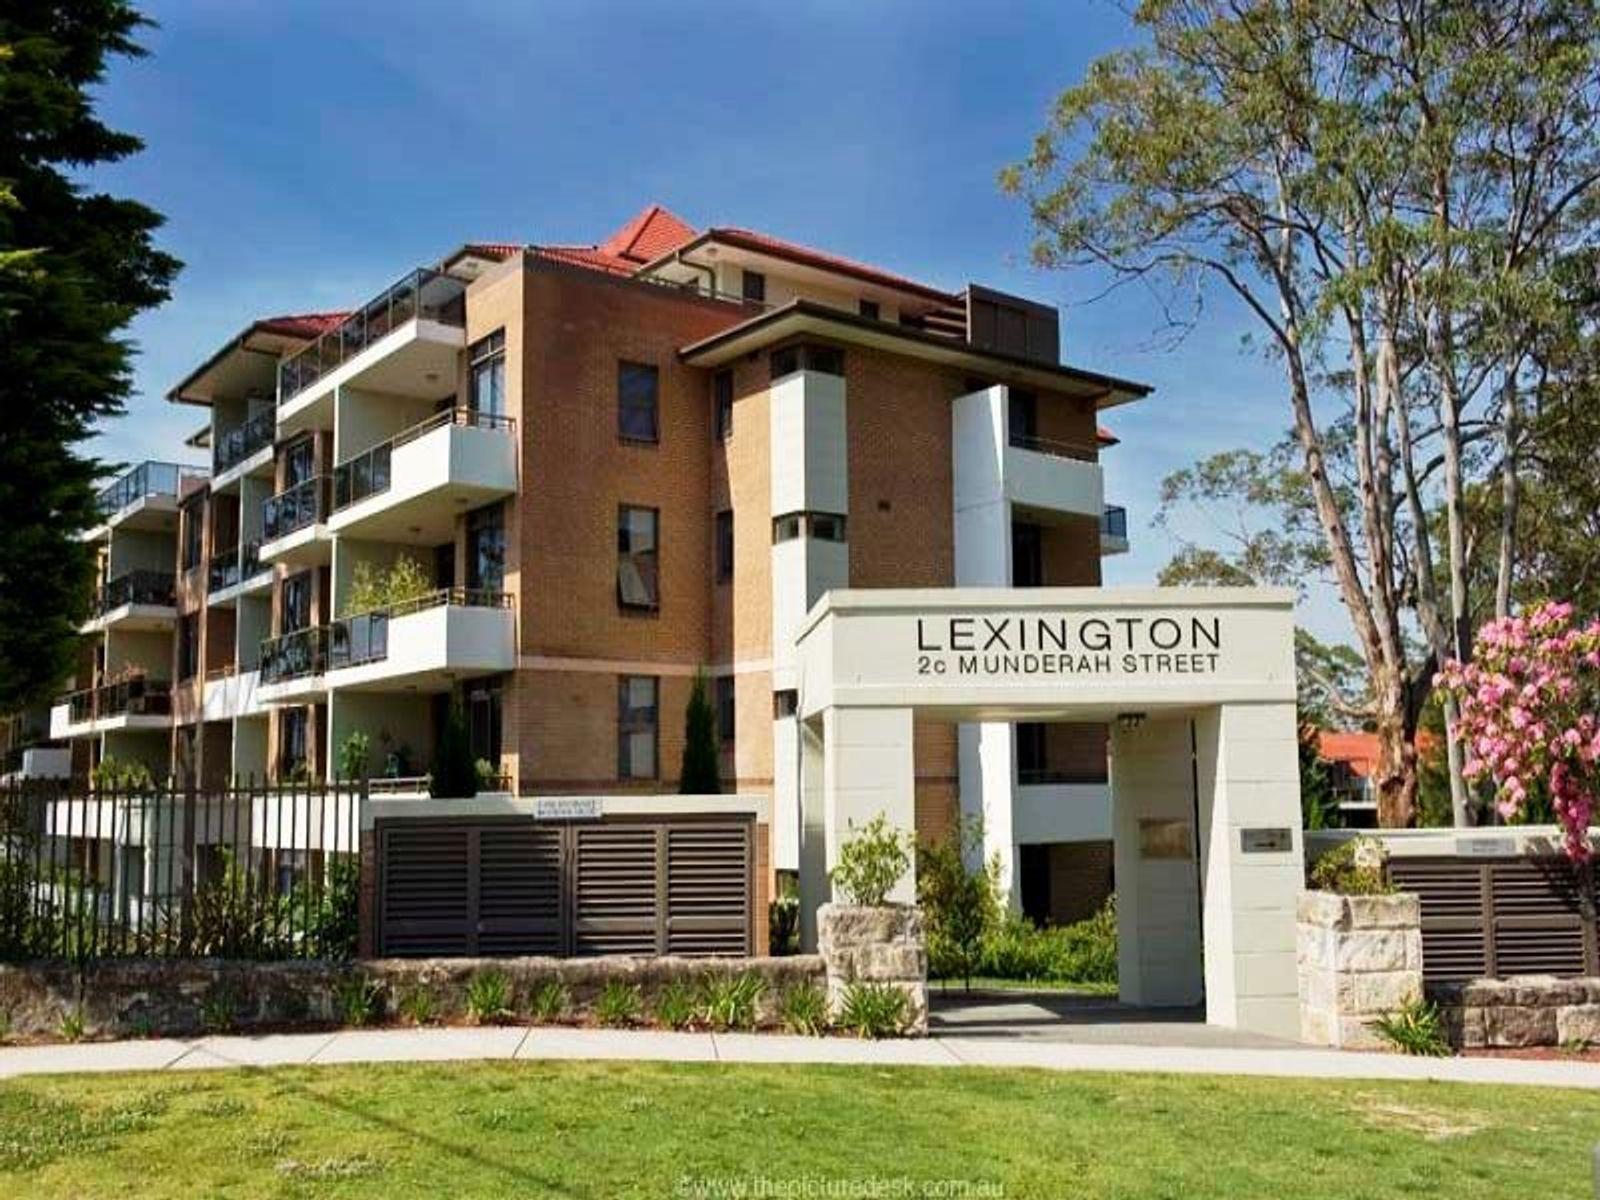 305/2C Munderah Street, Wahroonga, NSW 2076